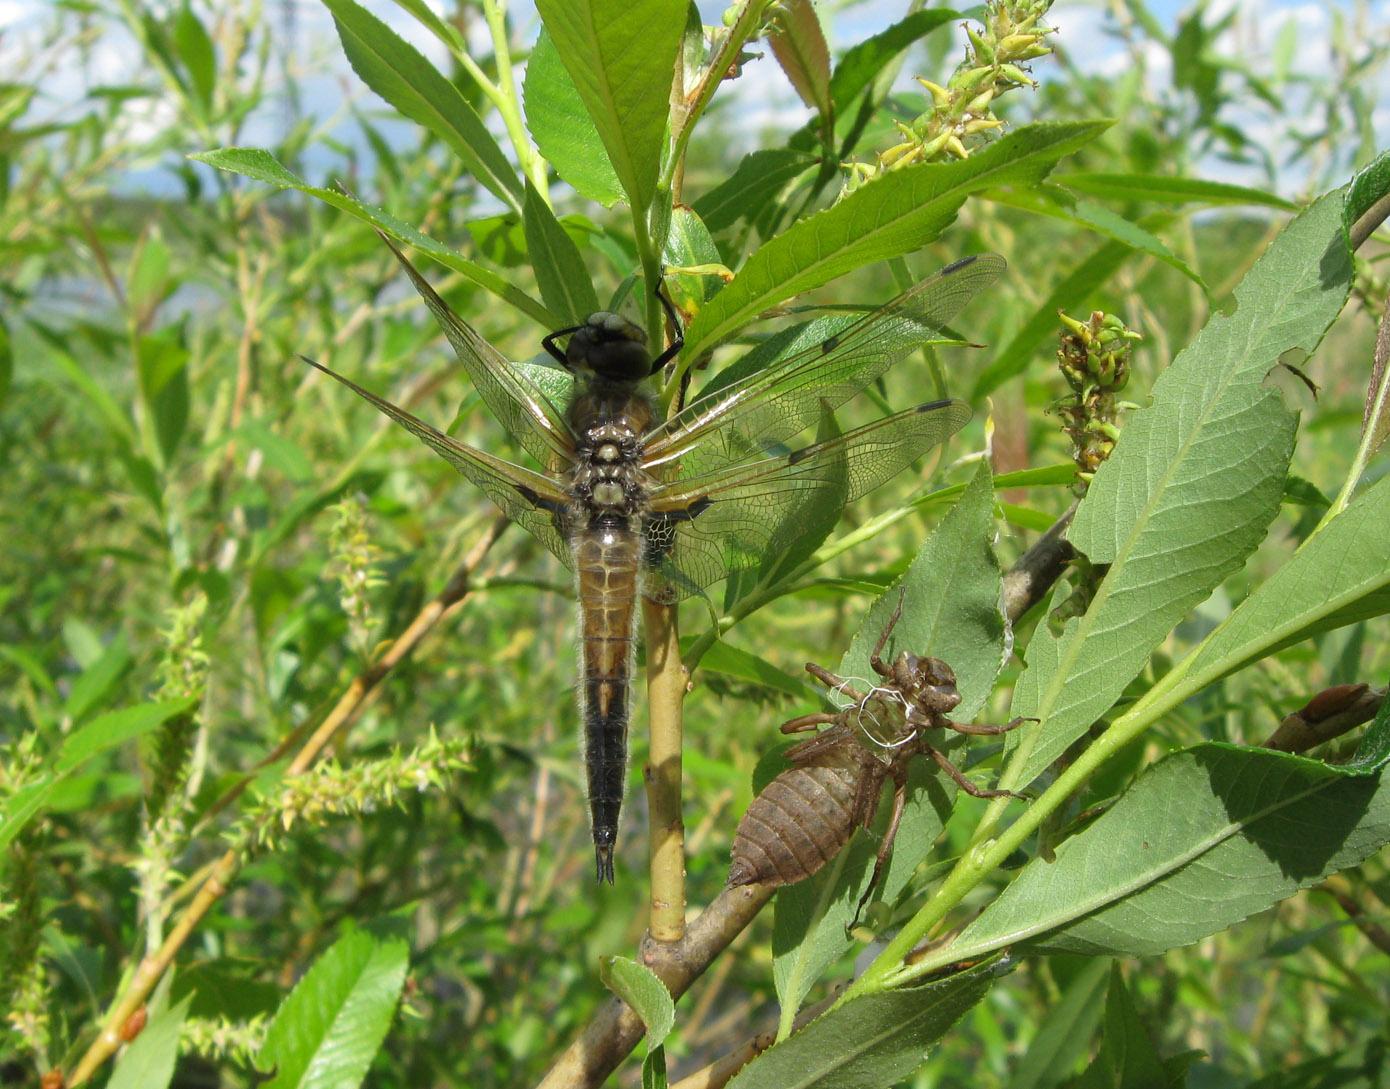 Плоскобрюх четырёхпятнистый (Libellula quadrimaculata) Автор: Олег Селиверстов